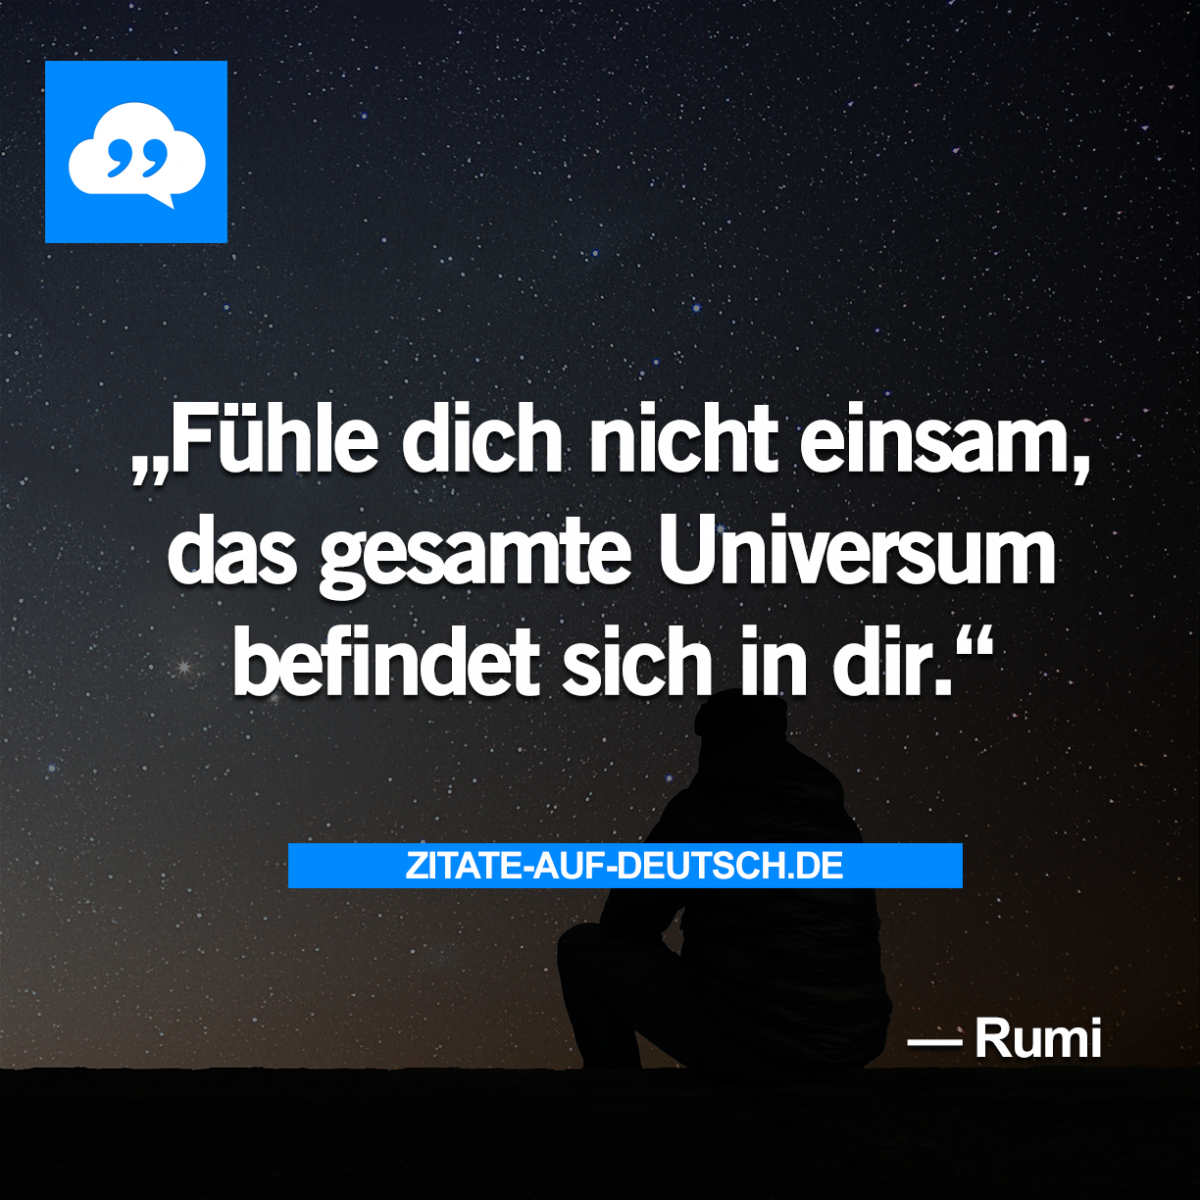 Einsamkeit, #Spruch, #Sprüche, #Universum, #Zitat, #Zitate, #Rumi